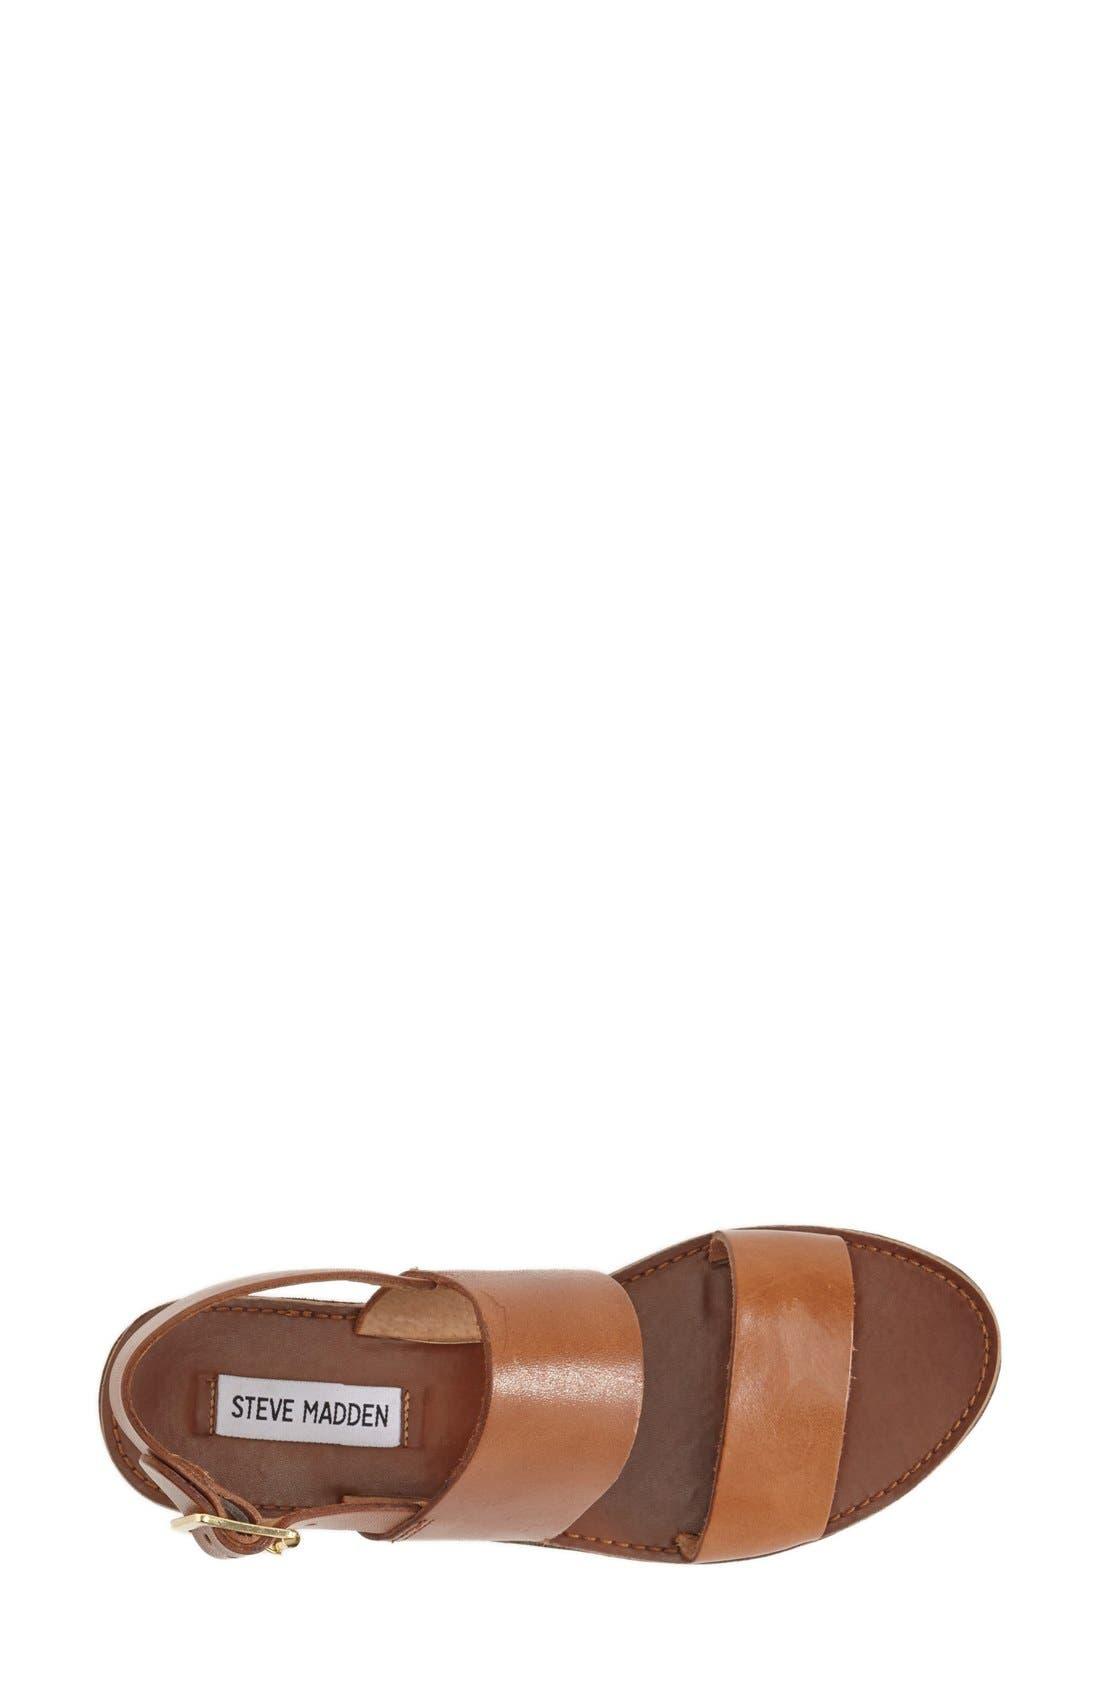 Alternate Image 3  - Steve Madden 'Orka' Ankle Strap Sandal (Women)